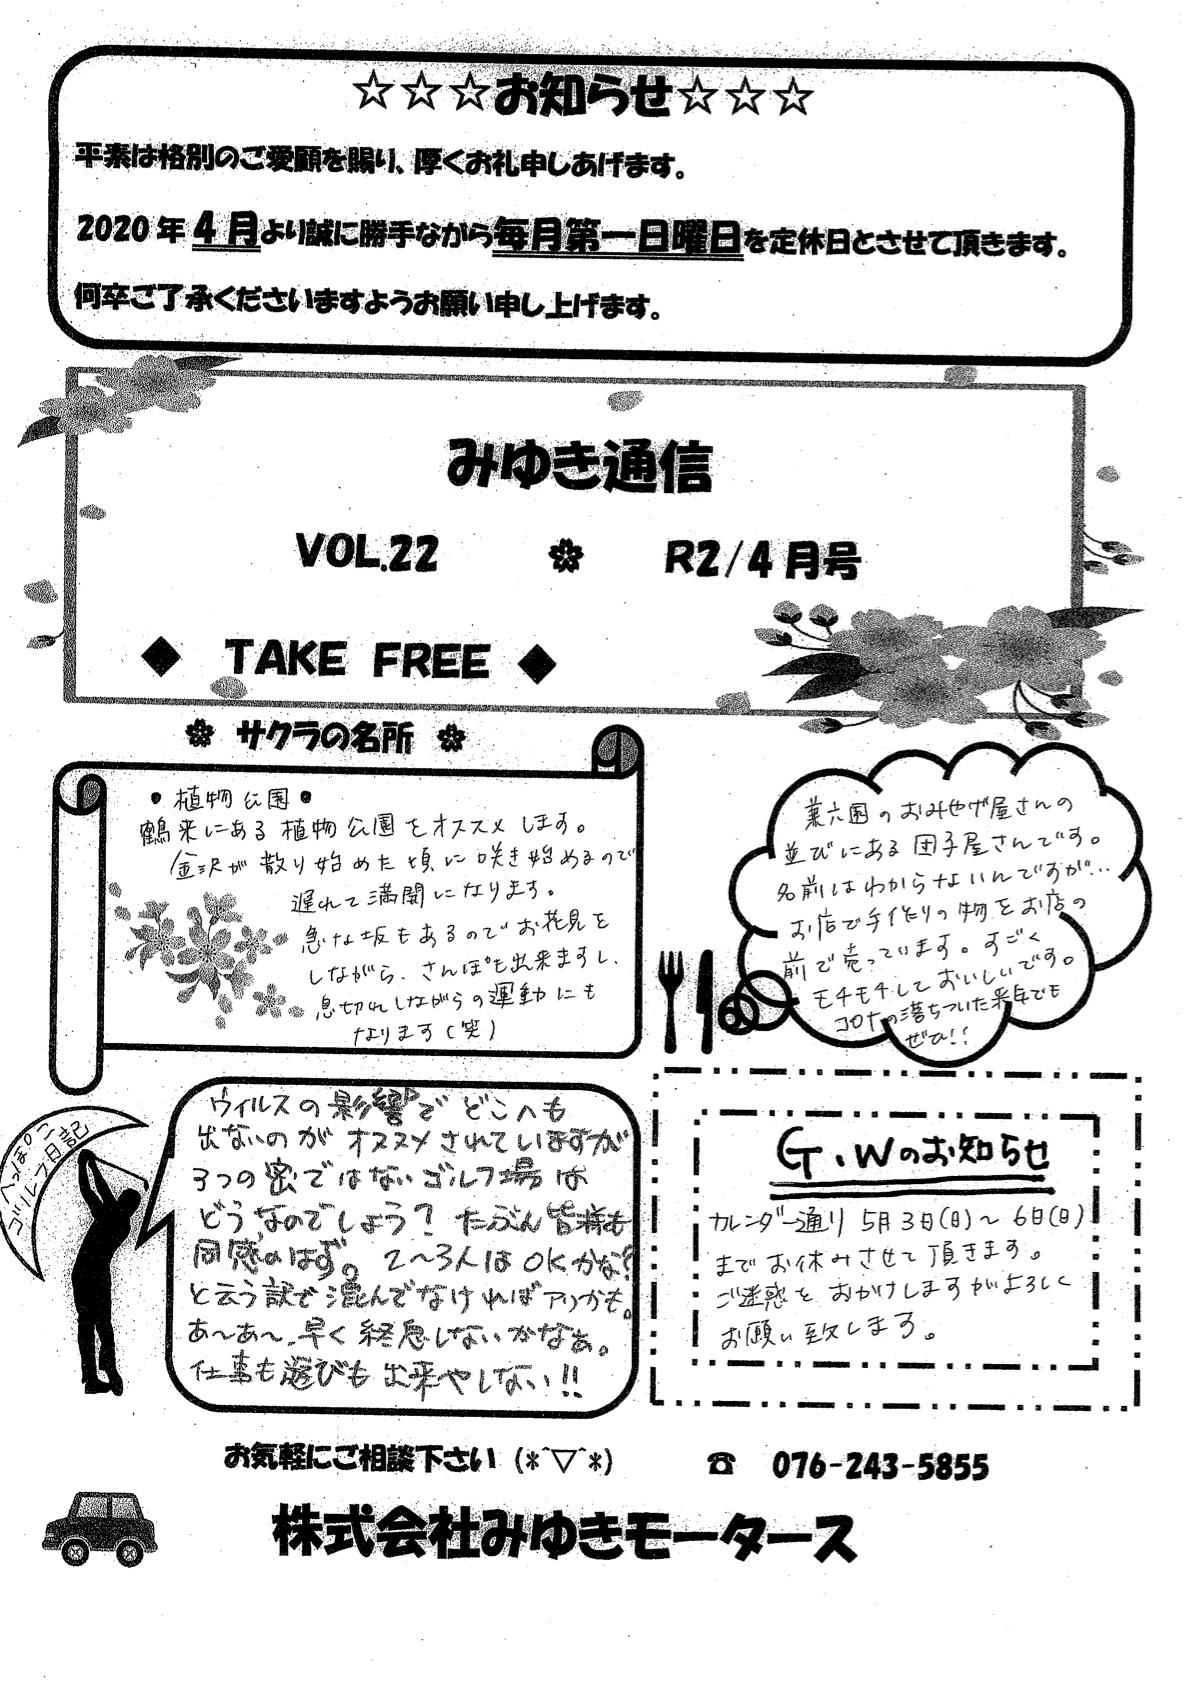 みゆき通信vol.22 4月号